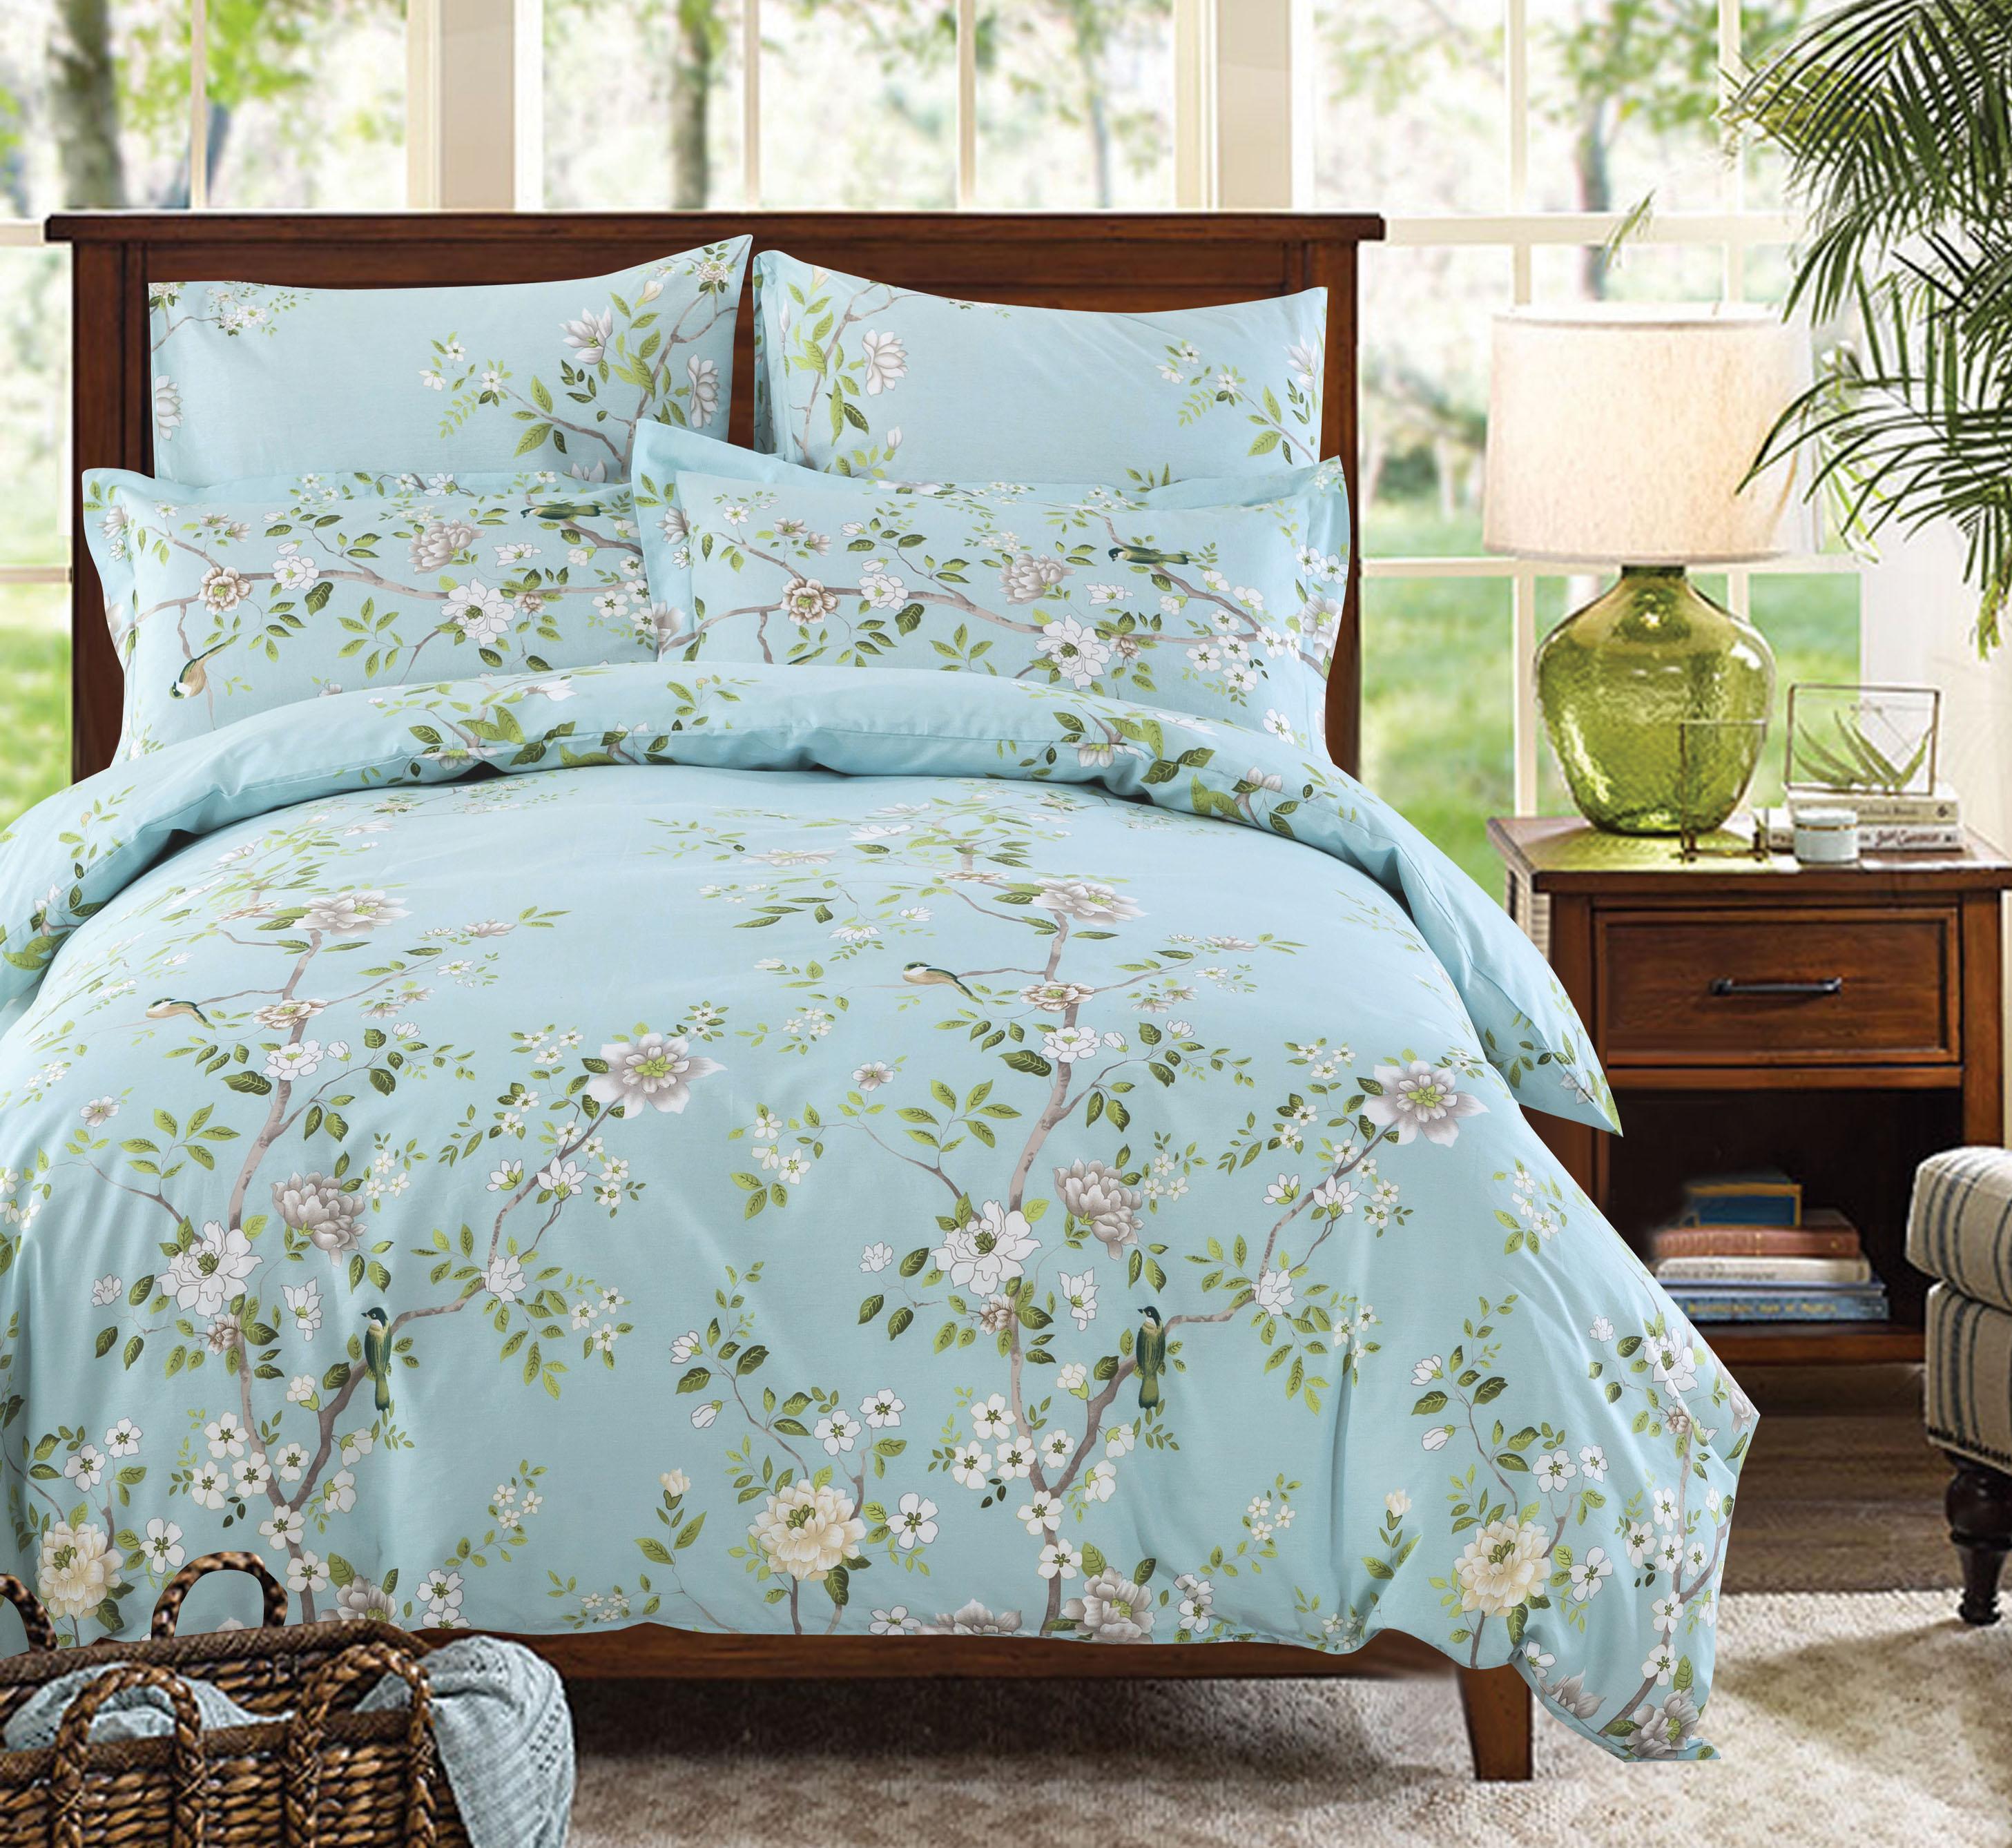 Комплекты постельного белья СайлиД, Постельное белье Edna A-175 (1, 5 спал.), Китай, Голубой, Поплин  - Купить